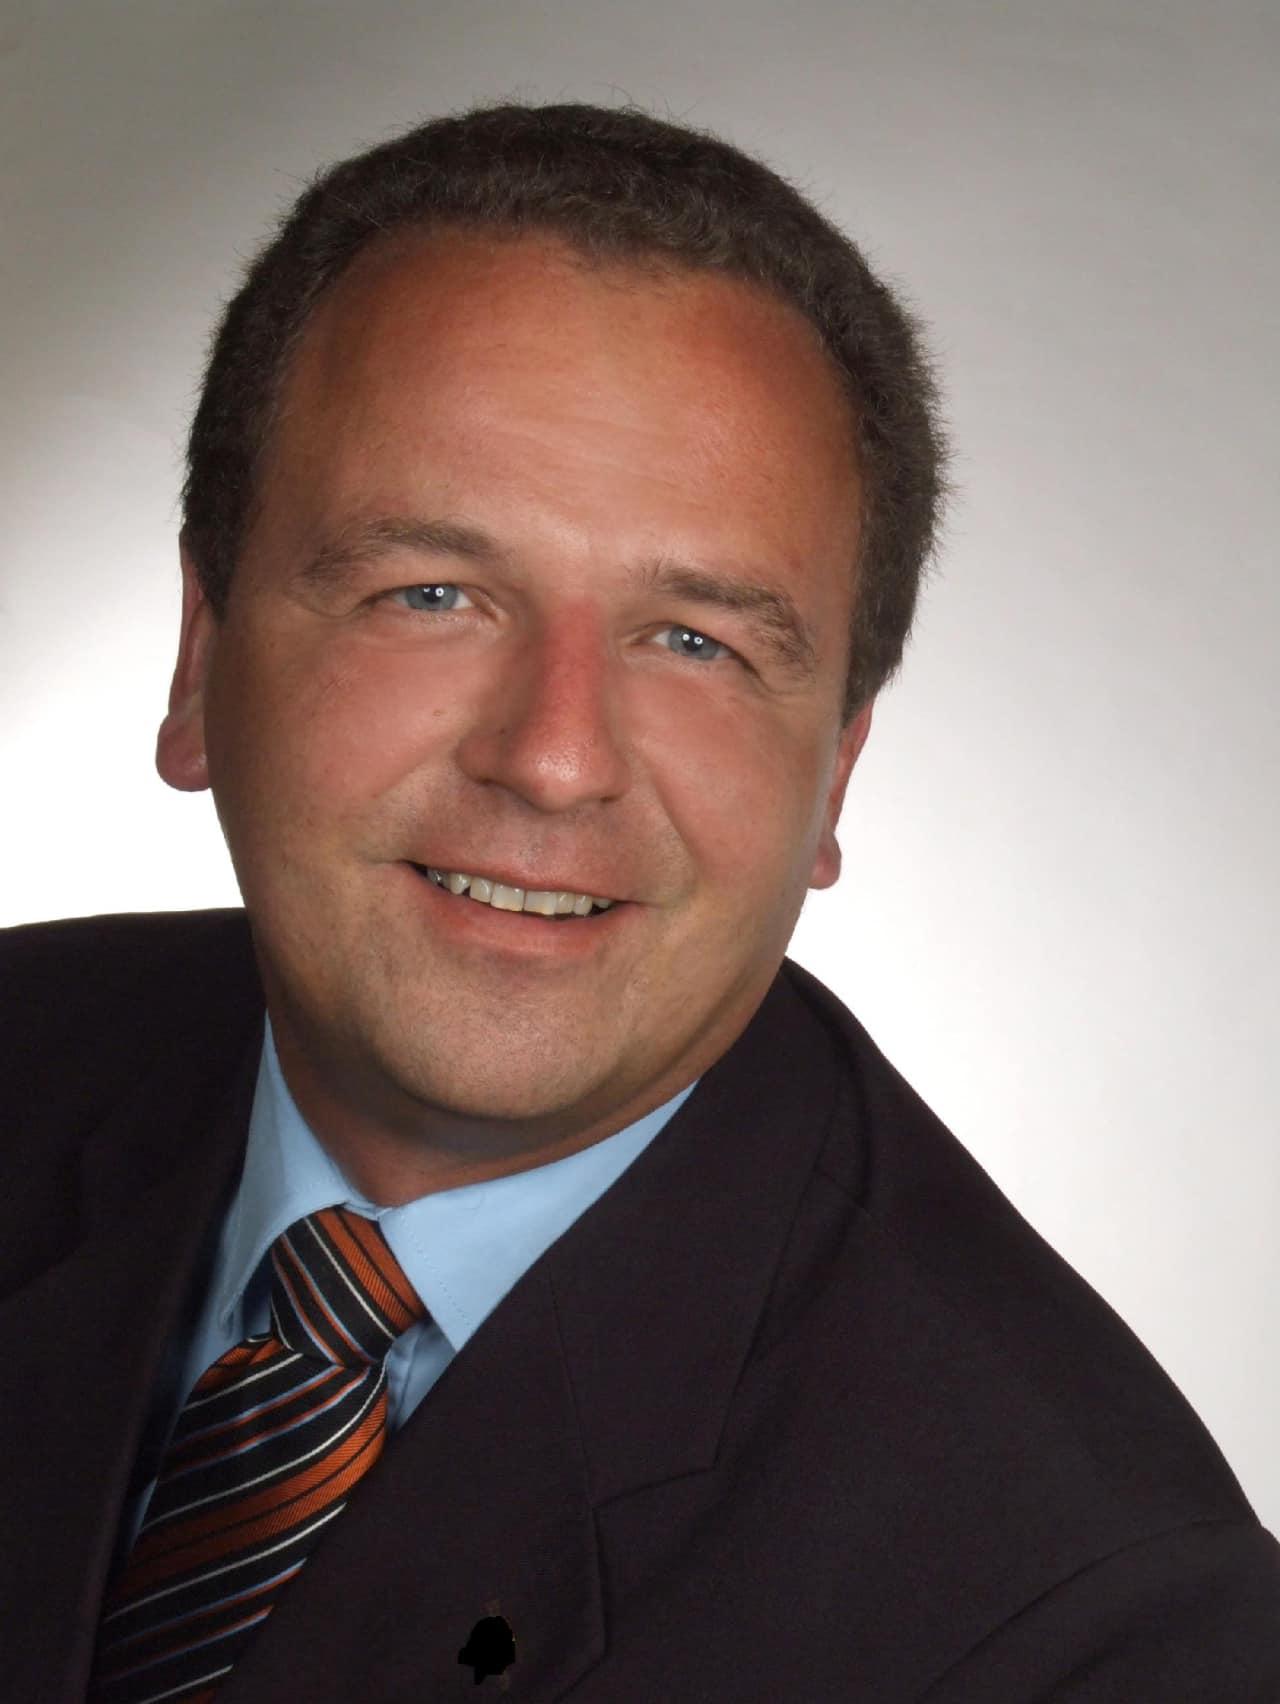 Inhaber / Geschäftsführer des Immobilienbüros  MV TUT GUT IMMOBILIEN